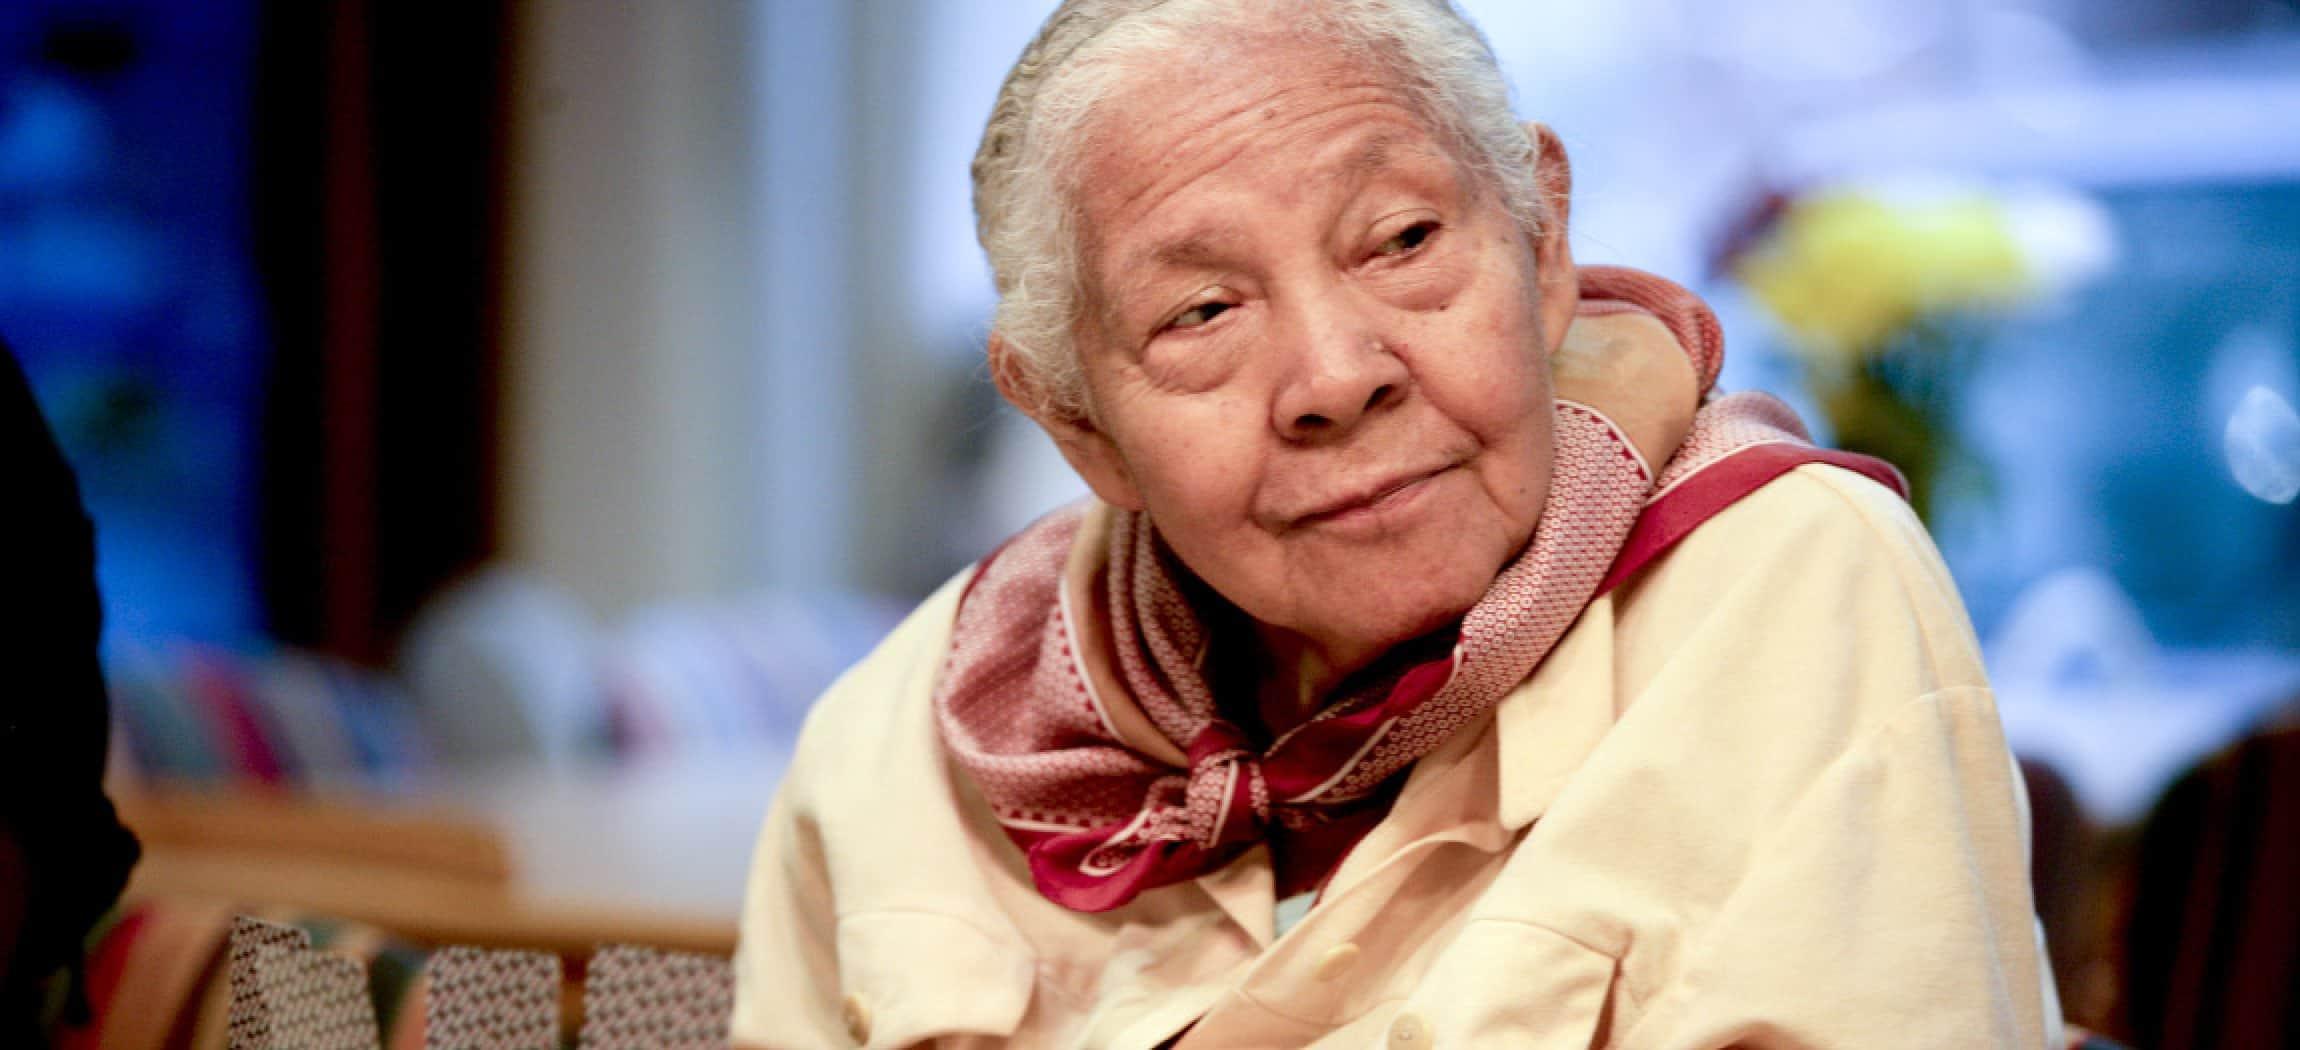 Oudere vrouw kijkt nieuwsgierig om zich heen